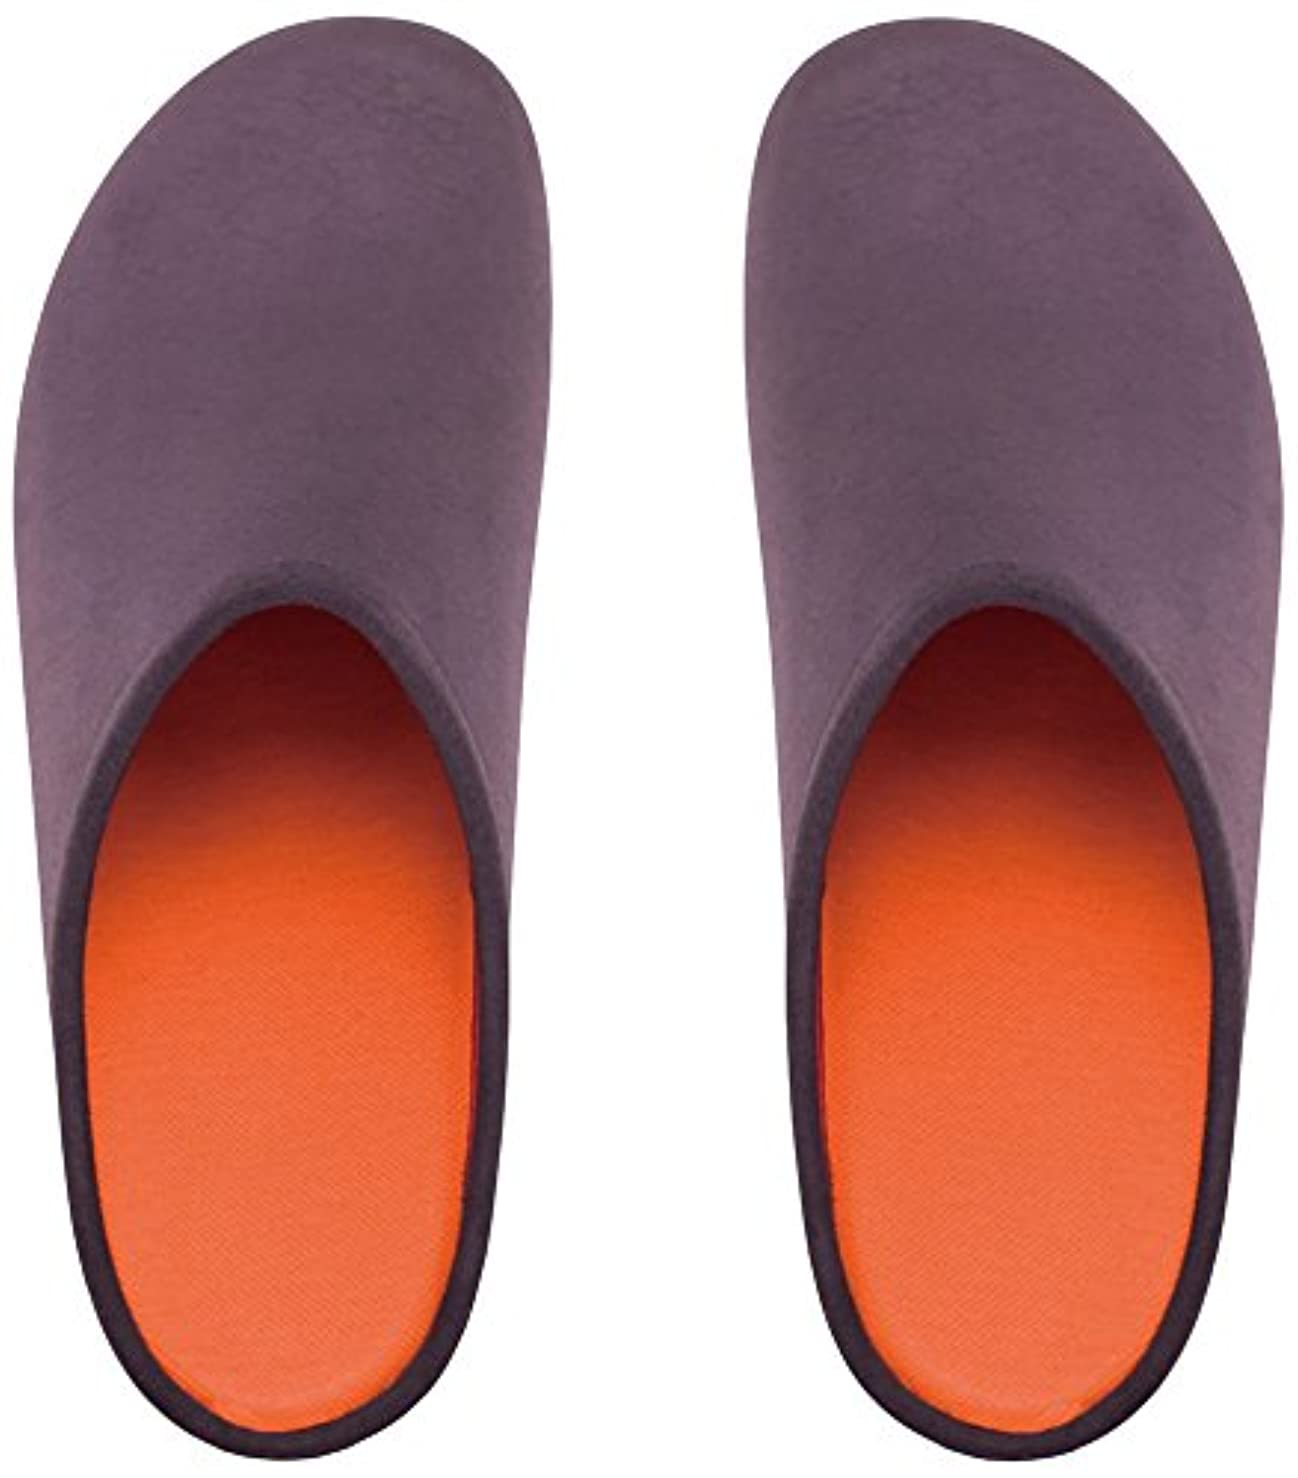 取り除く自動的に粘土プレミアムルームシューズ「フットローブ ピエモンテ / footrobe Piemonte」プレーン(チャコール)+フェルトインソール(オレンジ)セット女性用 25.0cm